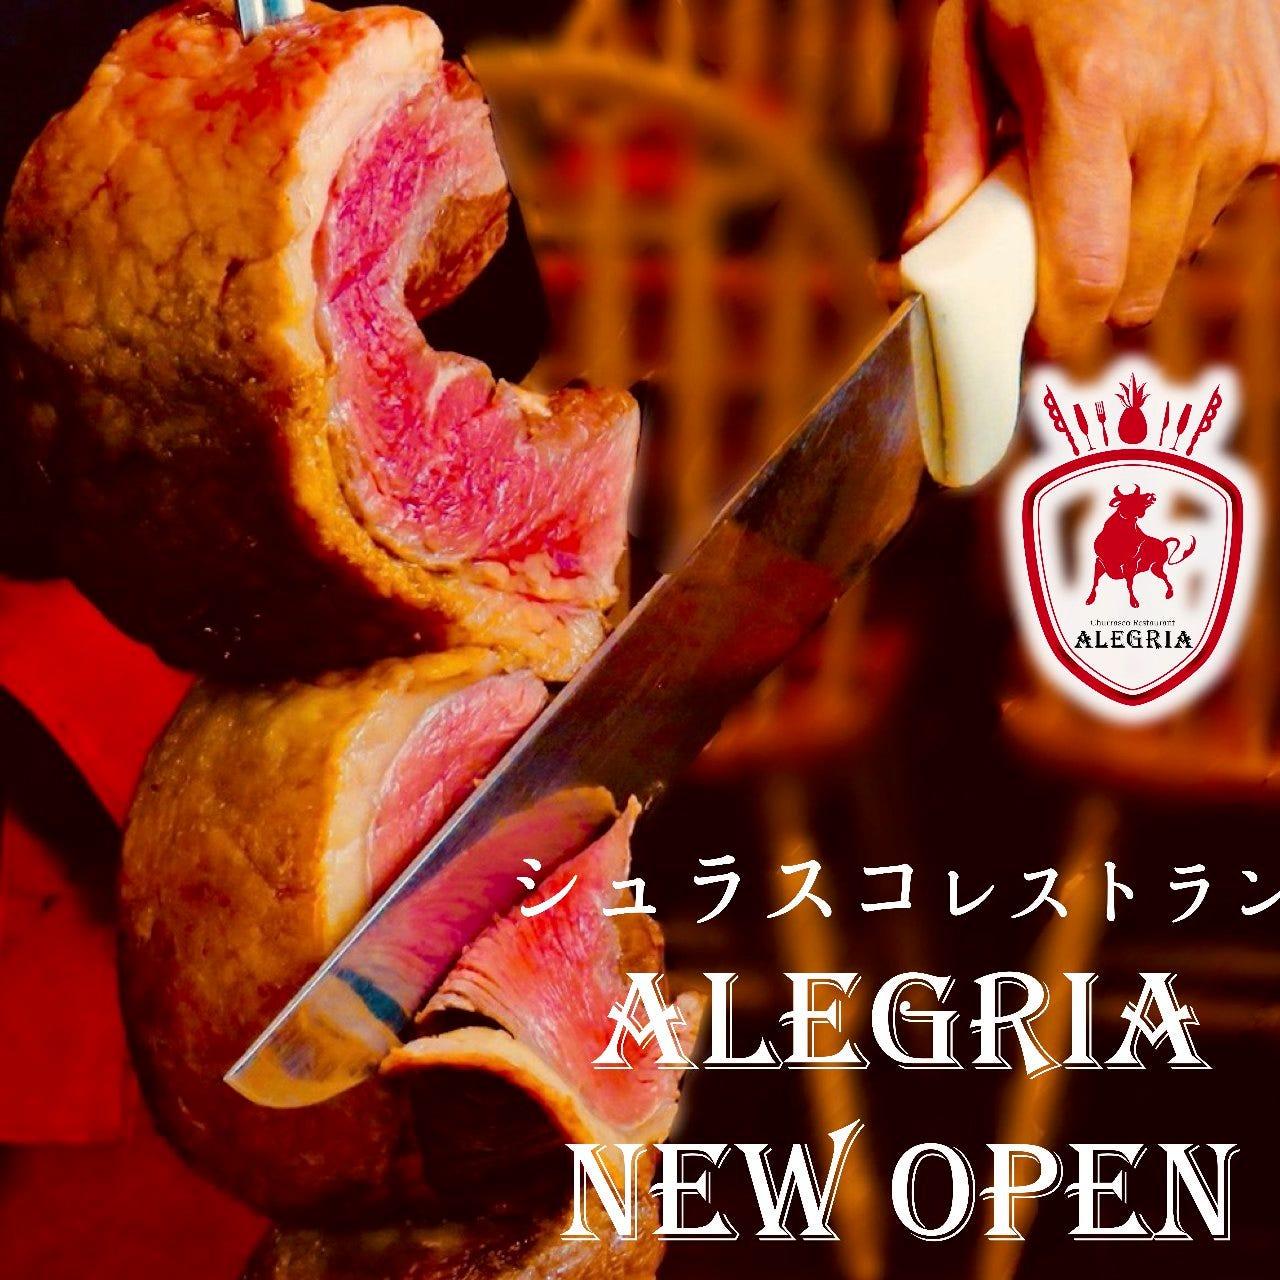 シュラスコ&ビアレストラン ALEGRIA tachikawa アレグリア立川